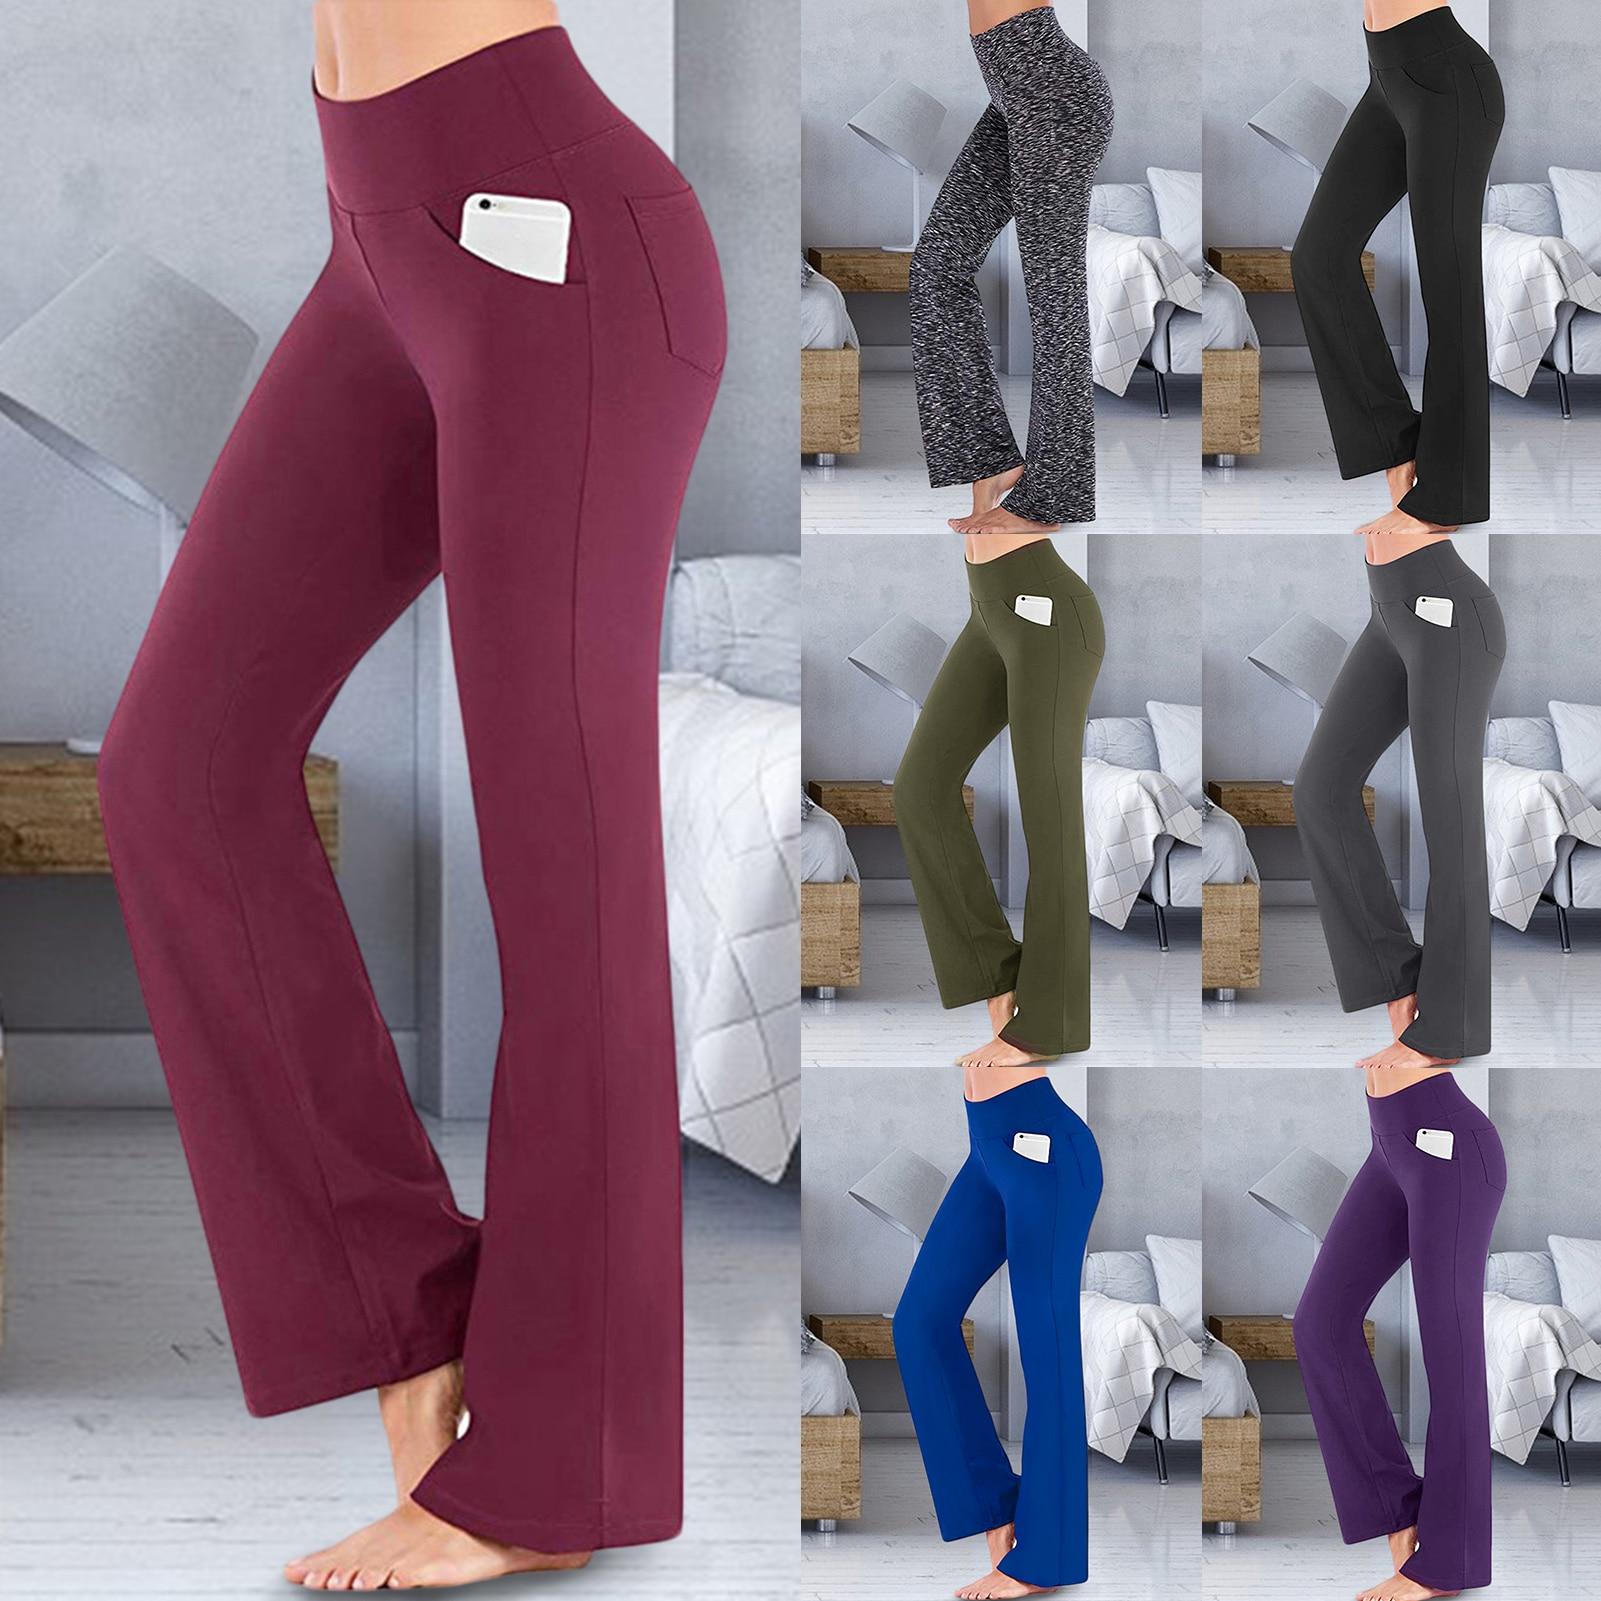 Women Cotton Ballet Trousers Girls Adult High Waist Stretch Bell-bottoms Dance Flare Pants Broad Leg Yoga Sport Ballet Pants